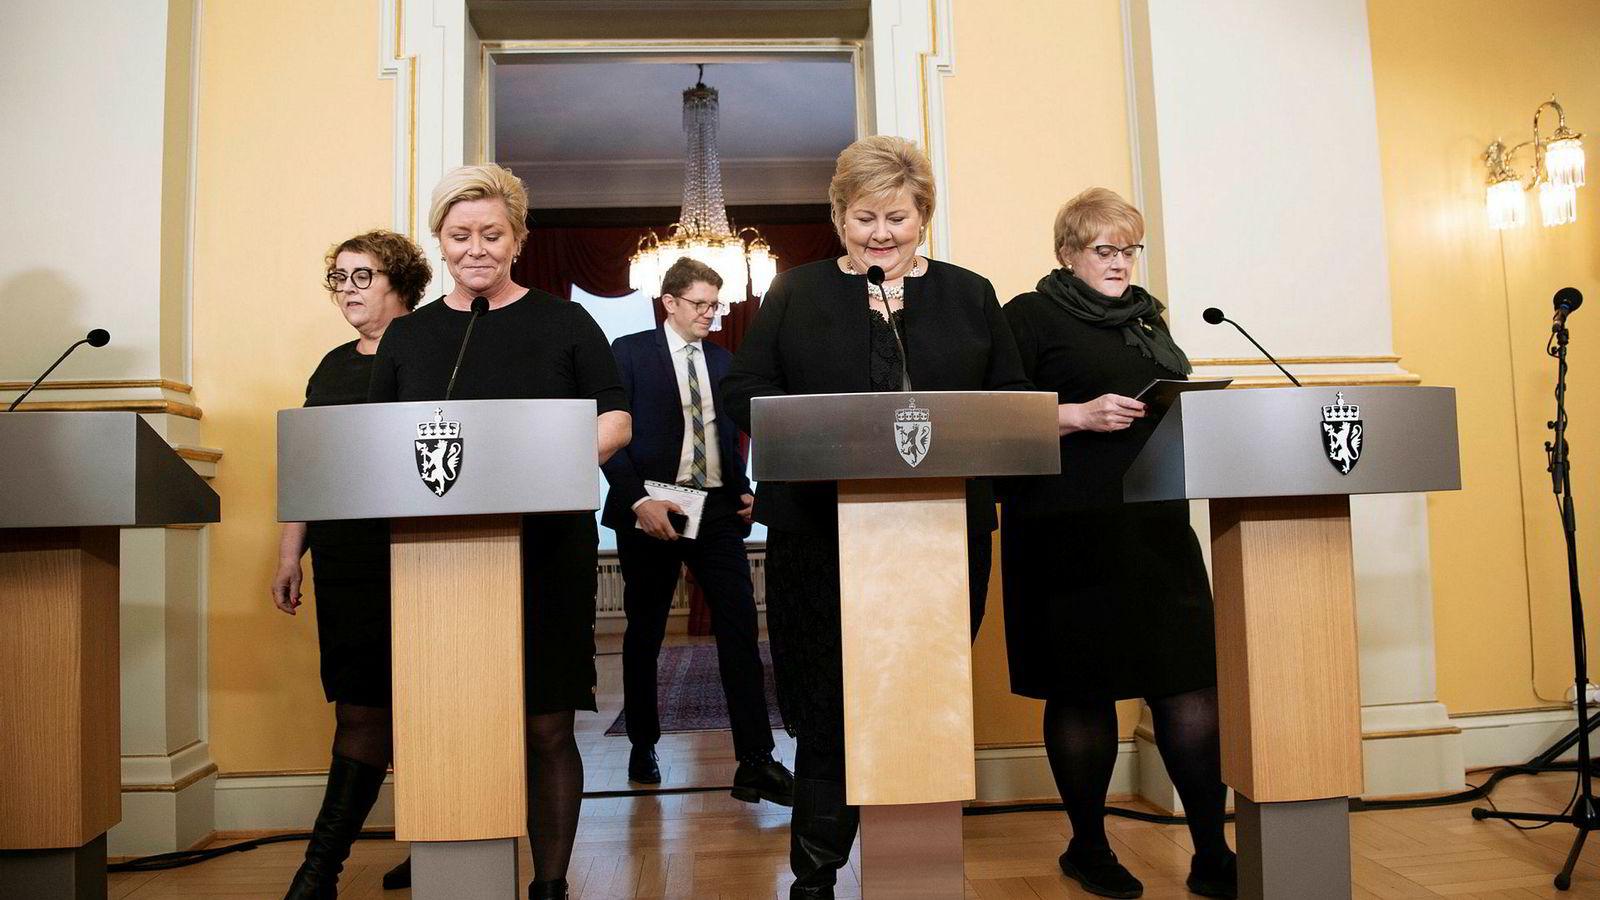 Helt trønderfri er Erna Solbergs nye regjering ikke. Venstre-leder Trine Skei Grande (til høyre) er riktignok innvalgt fra Oslo og definitivt blitt en Oslo-representant. Men hun kommer fra Overhalla nord i Trøndelag. Fra venstre: Olaug Bollestad (KrF), Siv Jensen (Frp), statsminister Erna Solberg (Høyre).